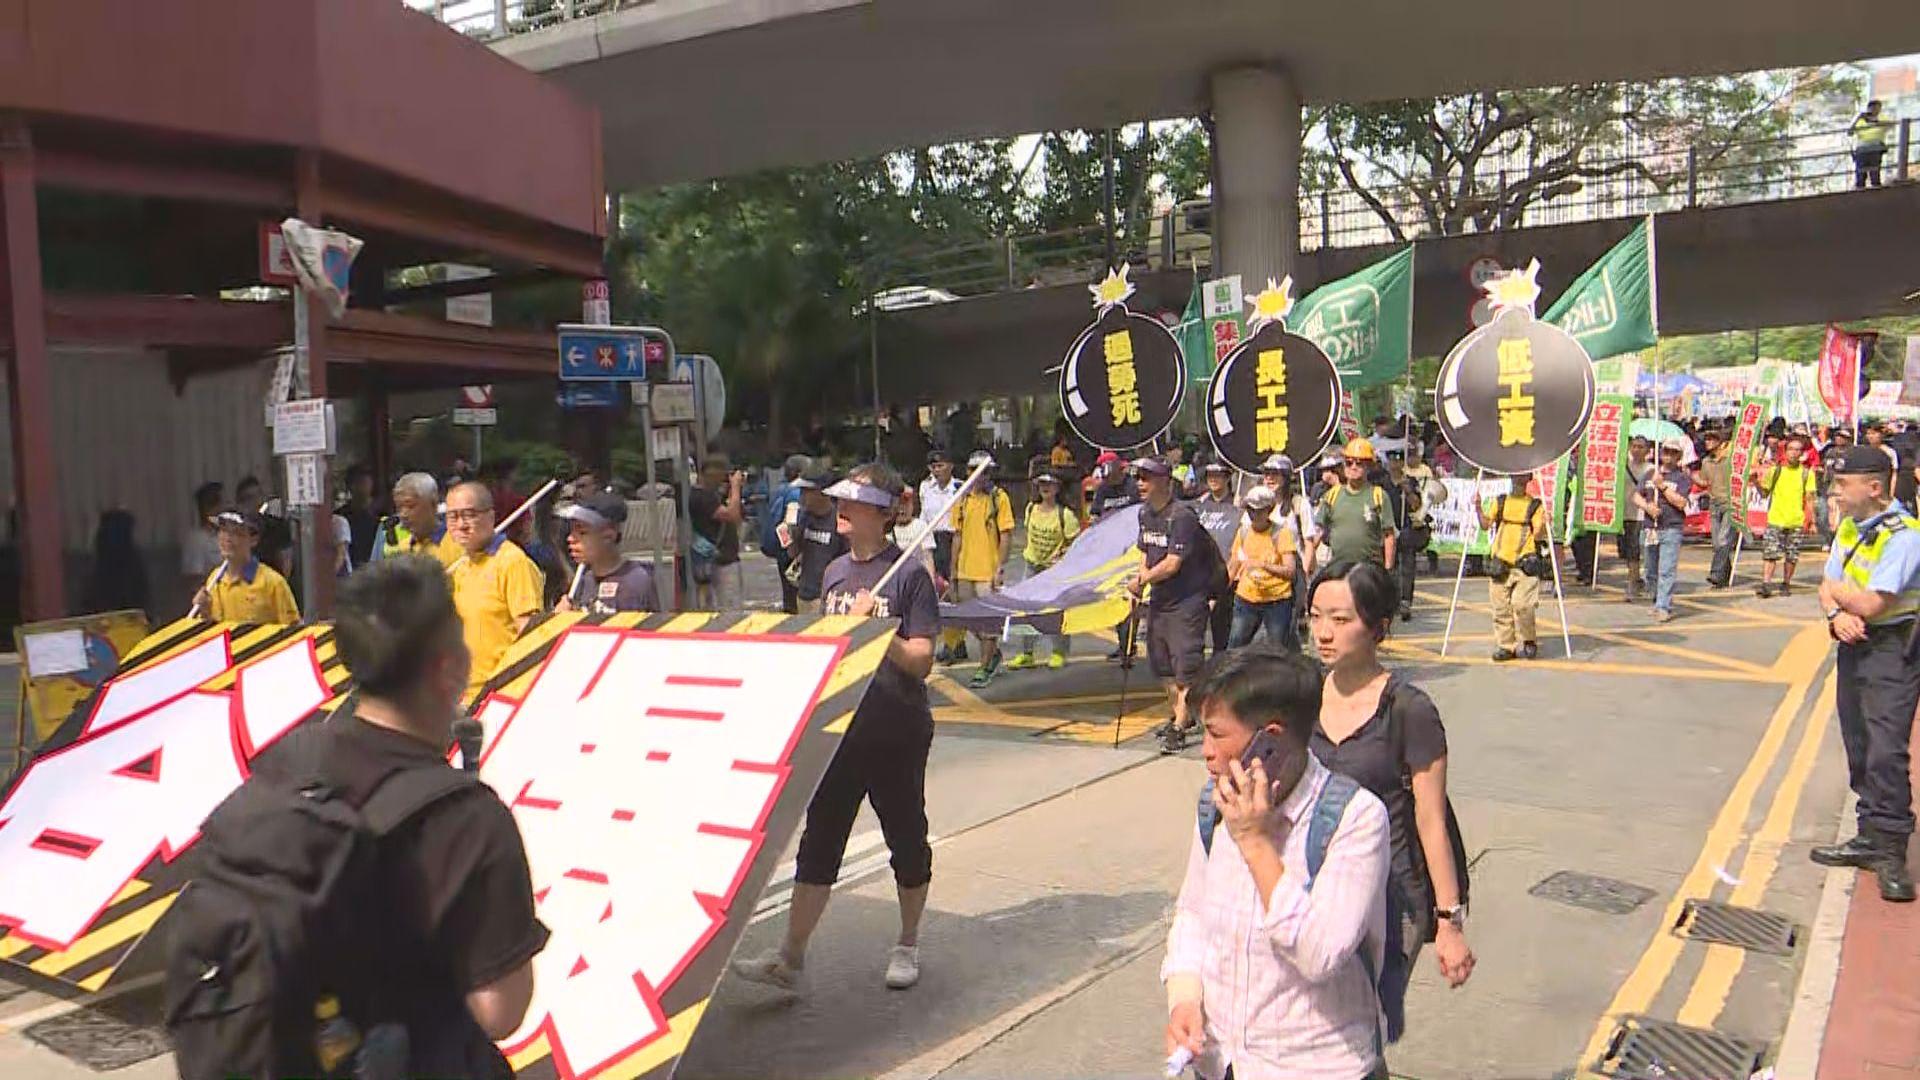 職工盟發起遊行爭取最低工資一年一檢等訴求